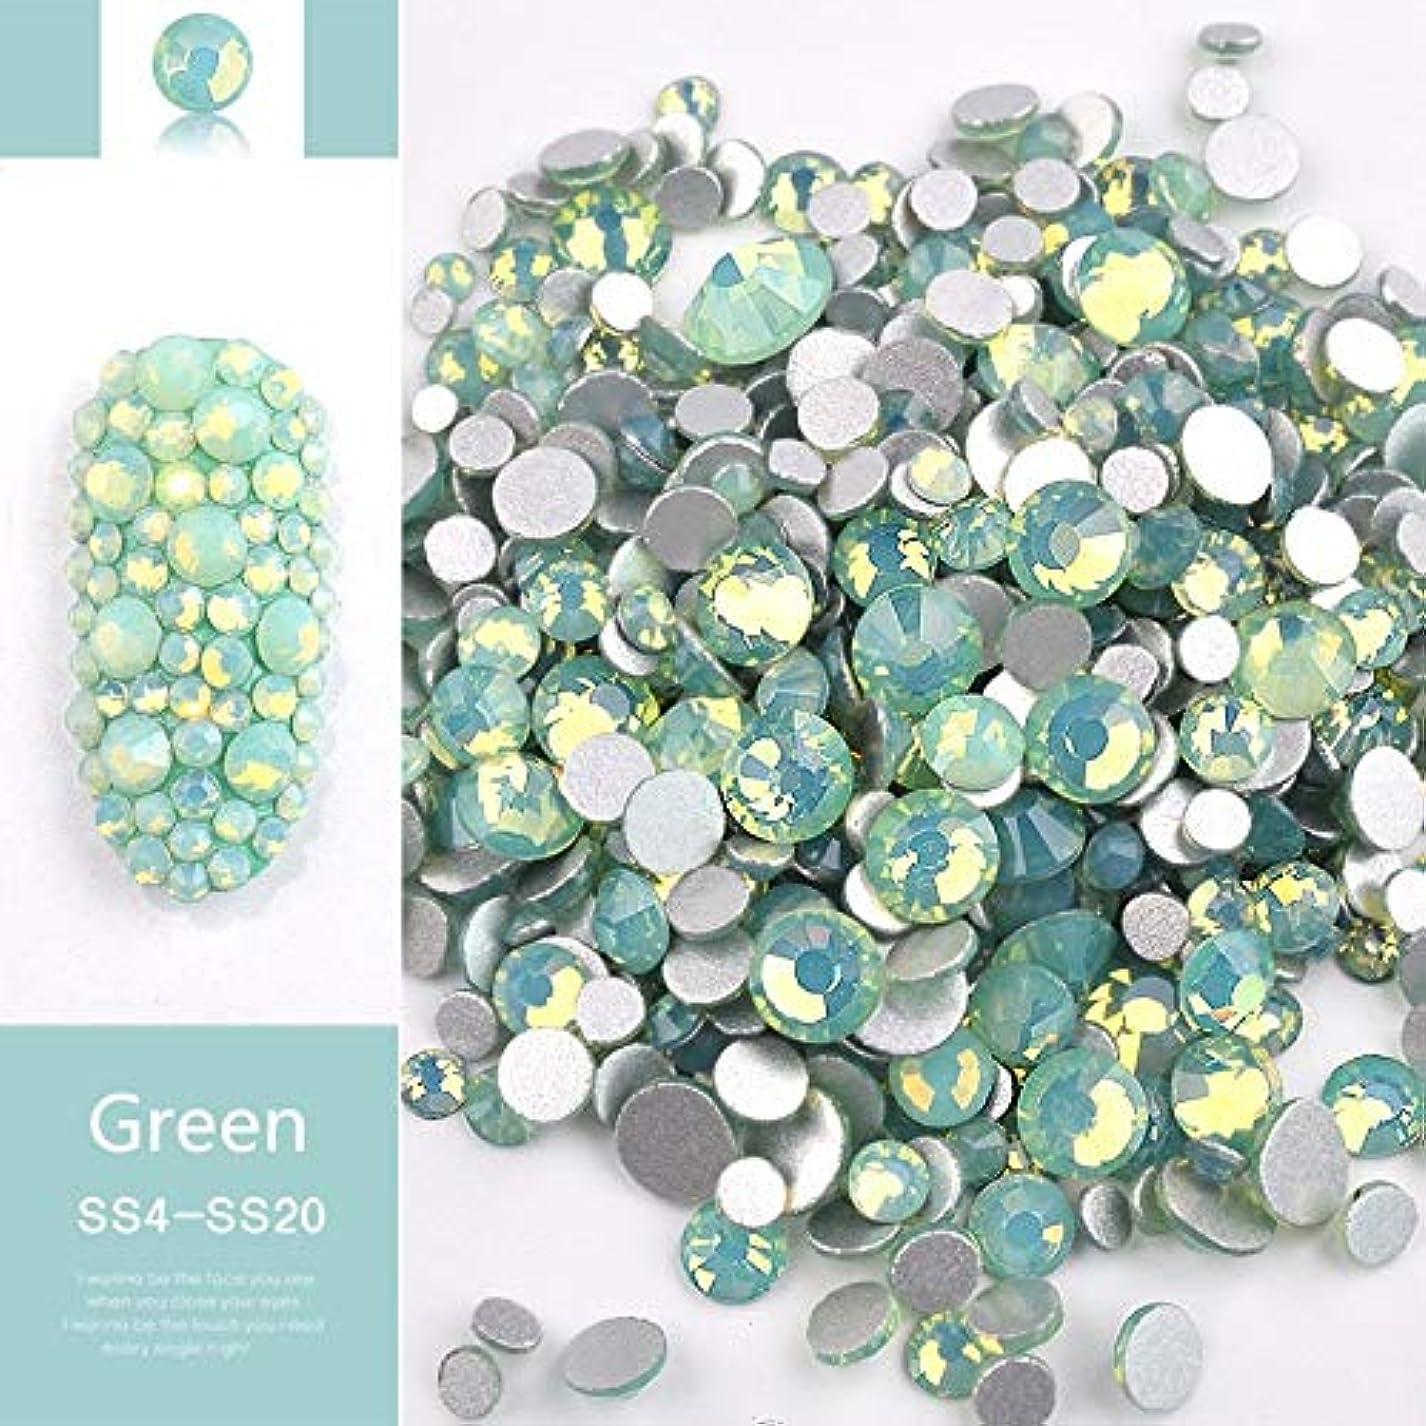 眼フィクションきらめきJiaoran ビーズ樹脂クリスタルラウンドネイルアートミックスフラットバックアクリルラインストーンミックスサイズ1.5-4.5 mm装飾用ネイル (Color : Green)